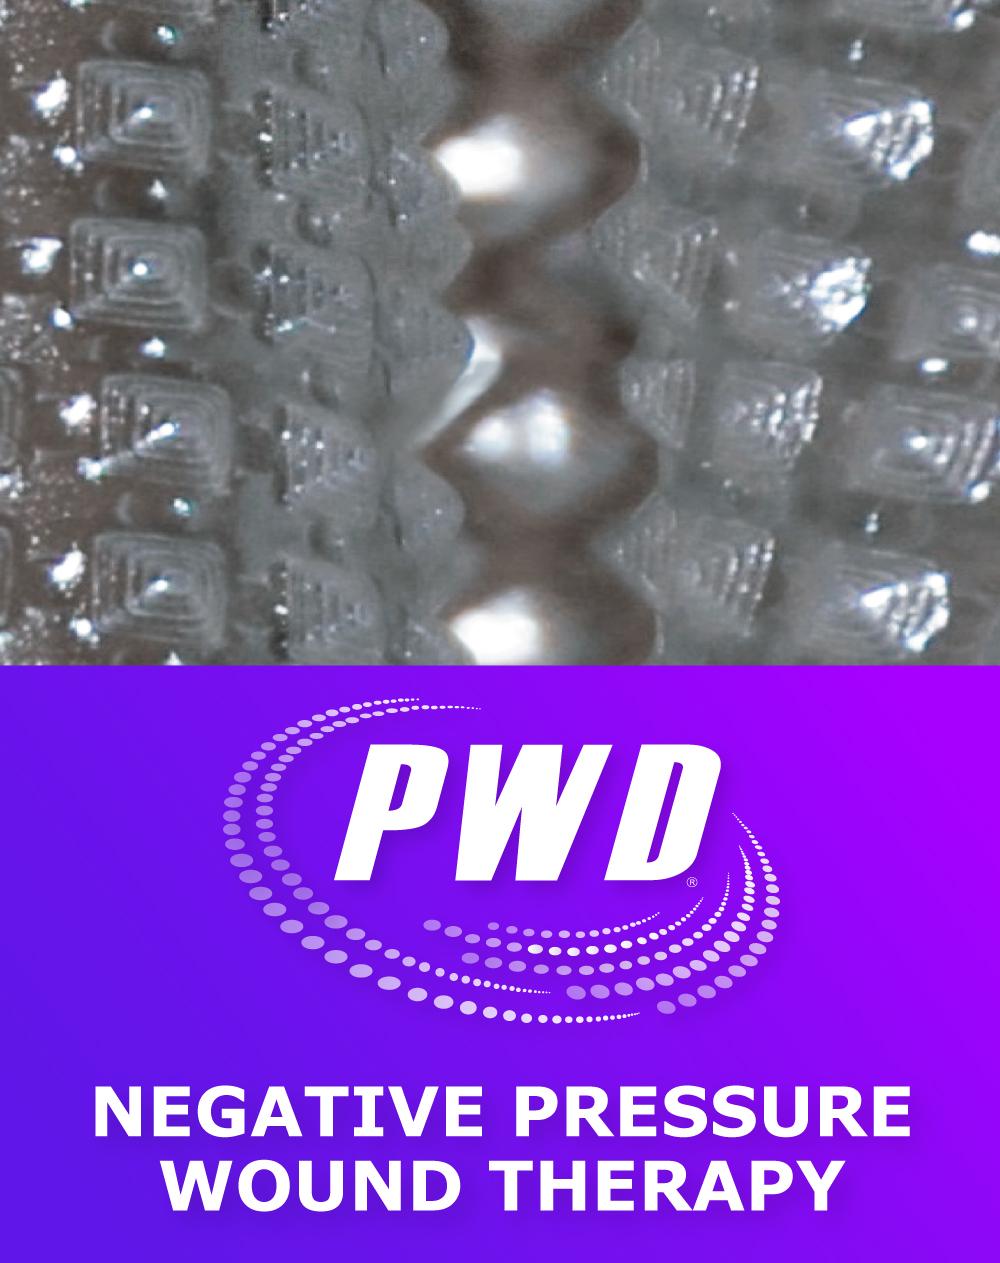 PWD - Negative Pressure Wound Therapy